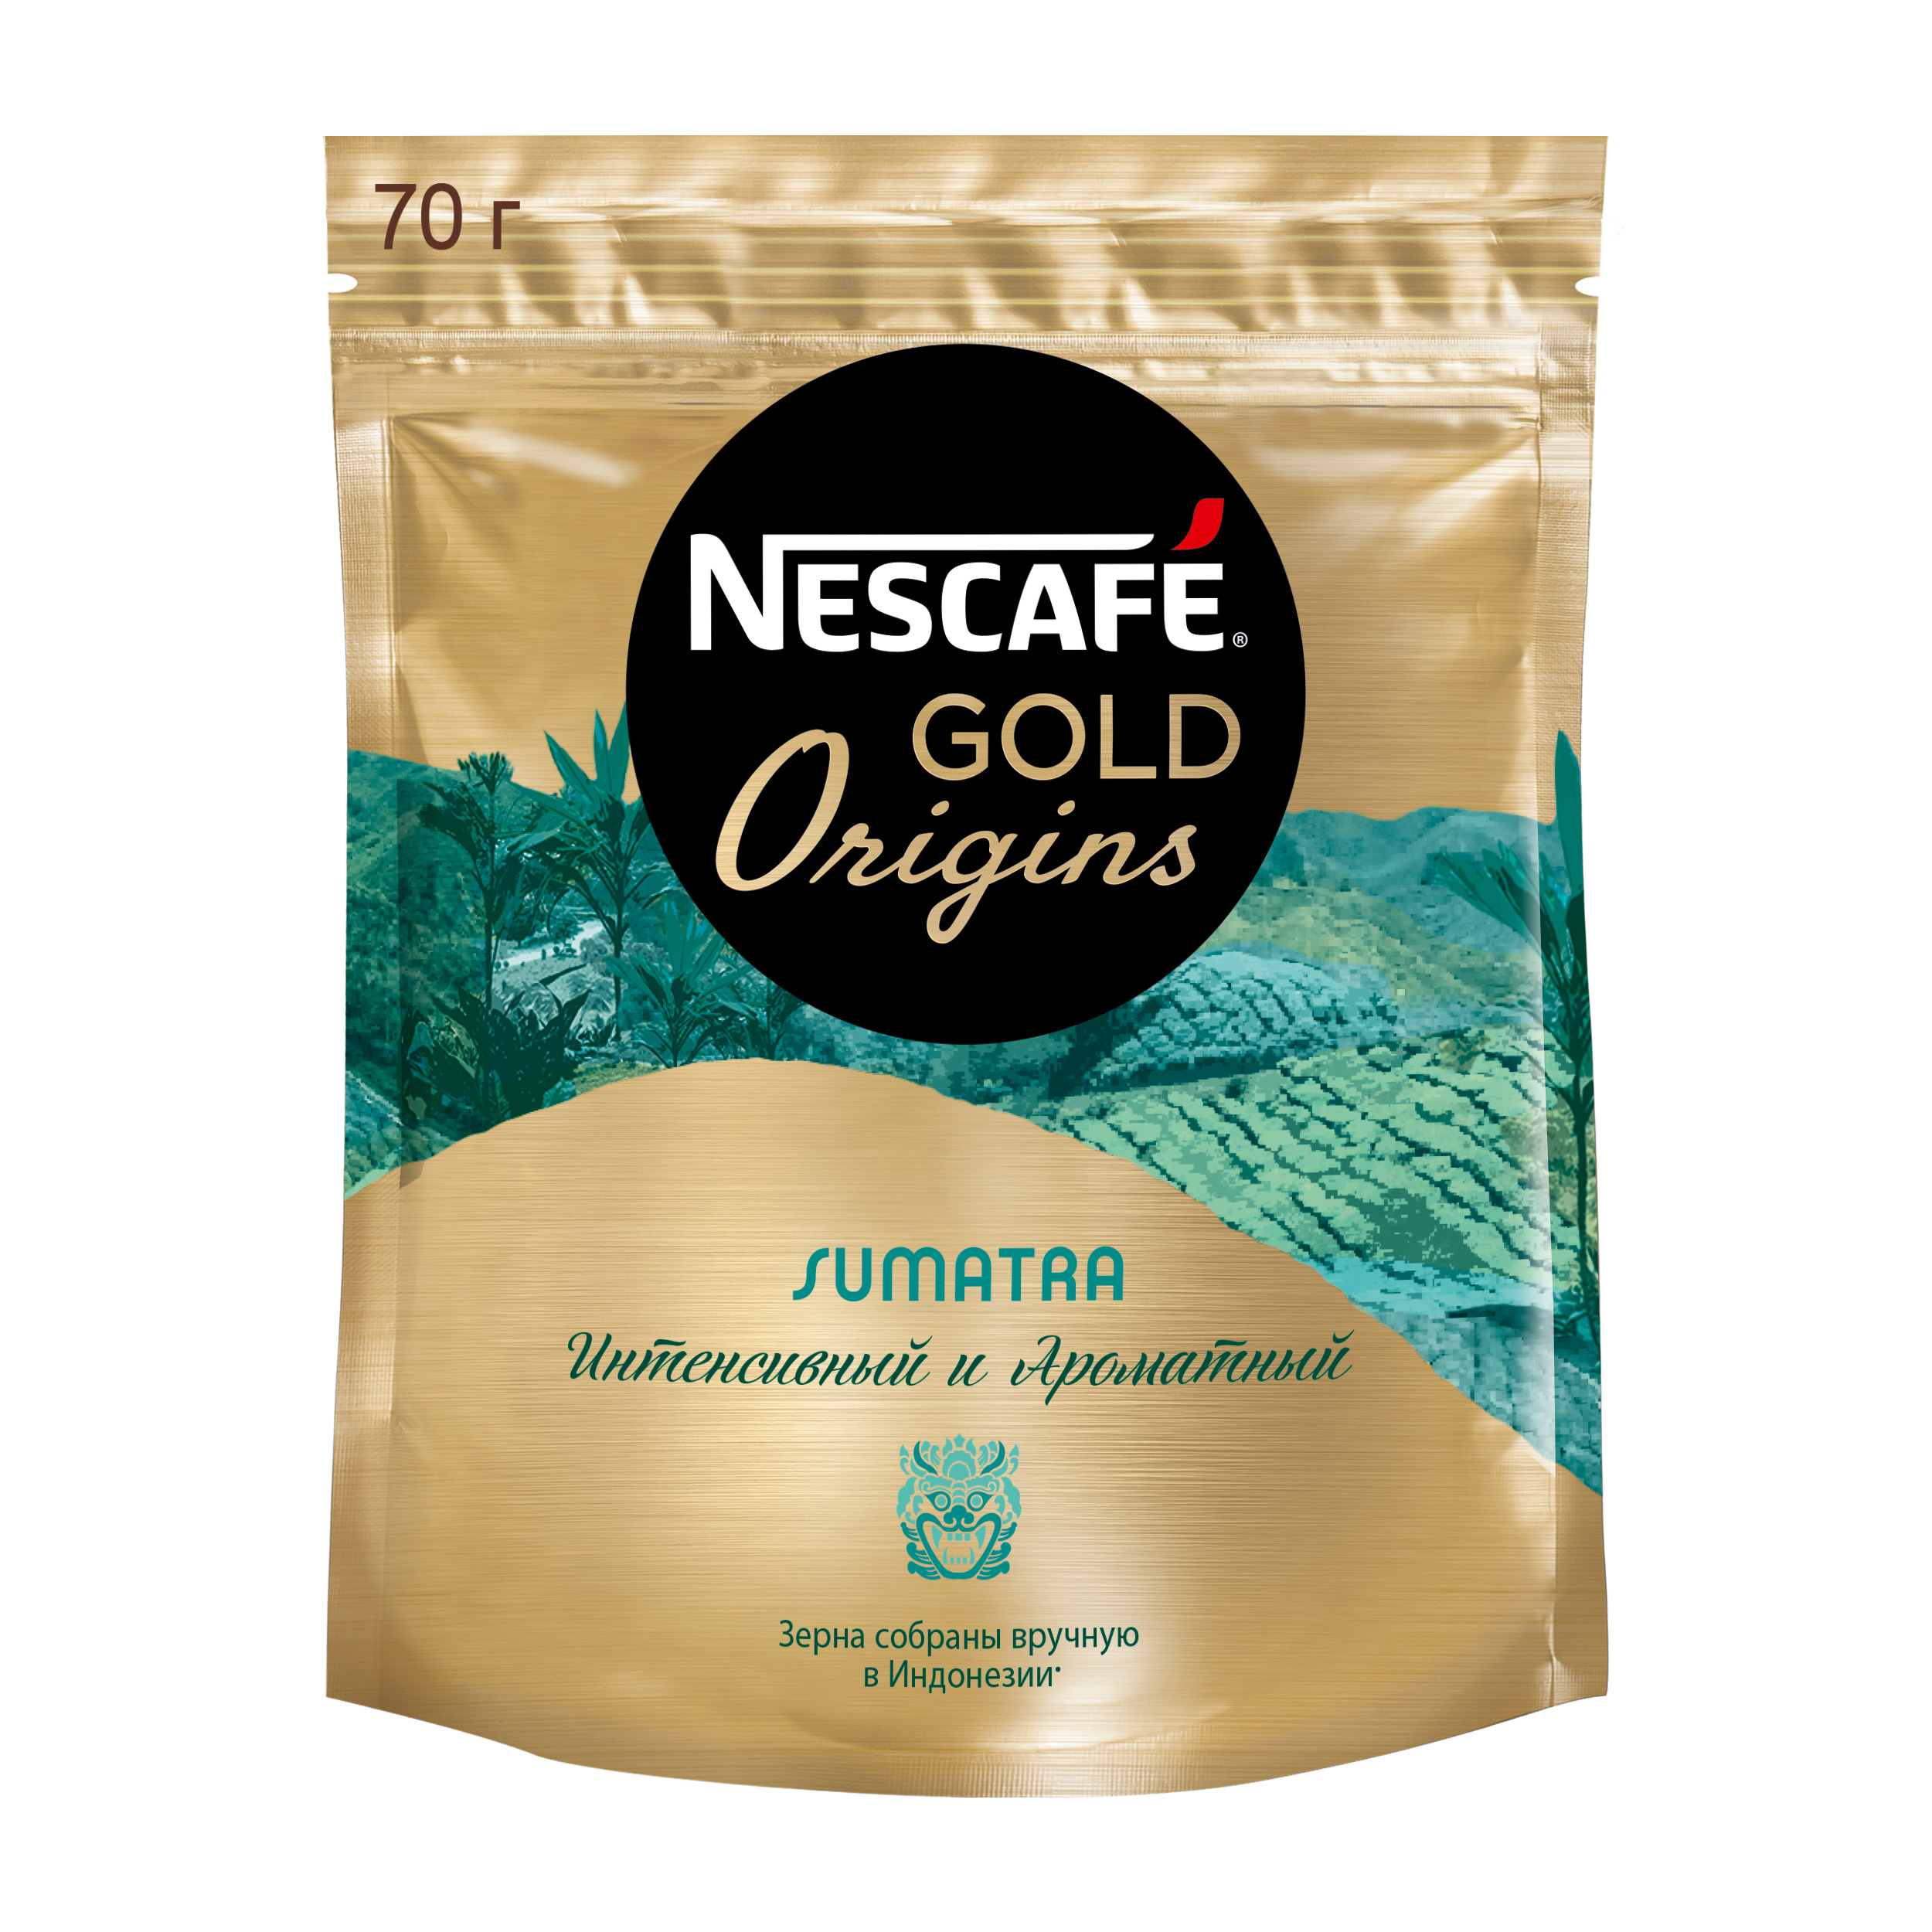 Кофе растворимый Nescafe gold origins Sumatra пакет 70 г